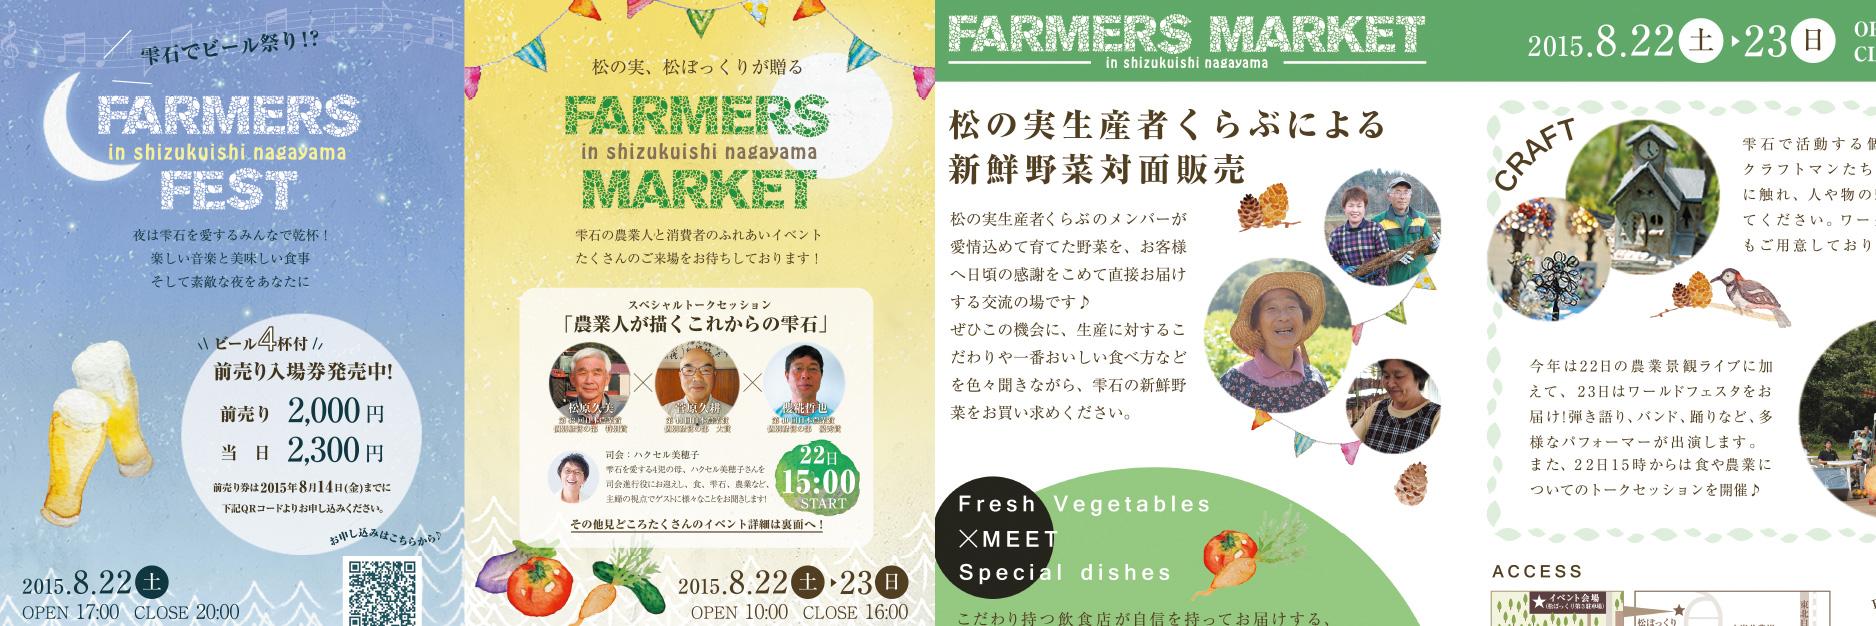 NAGAYAMA FARMERS MARKET2015チラシ・ポスターデザイン